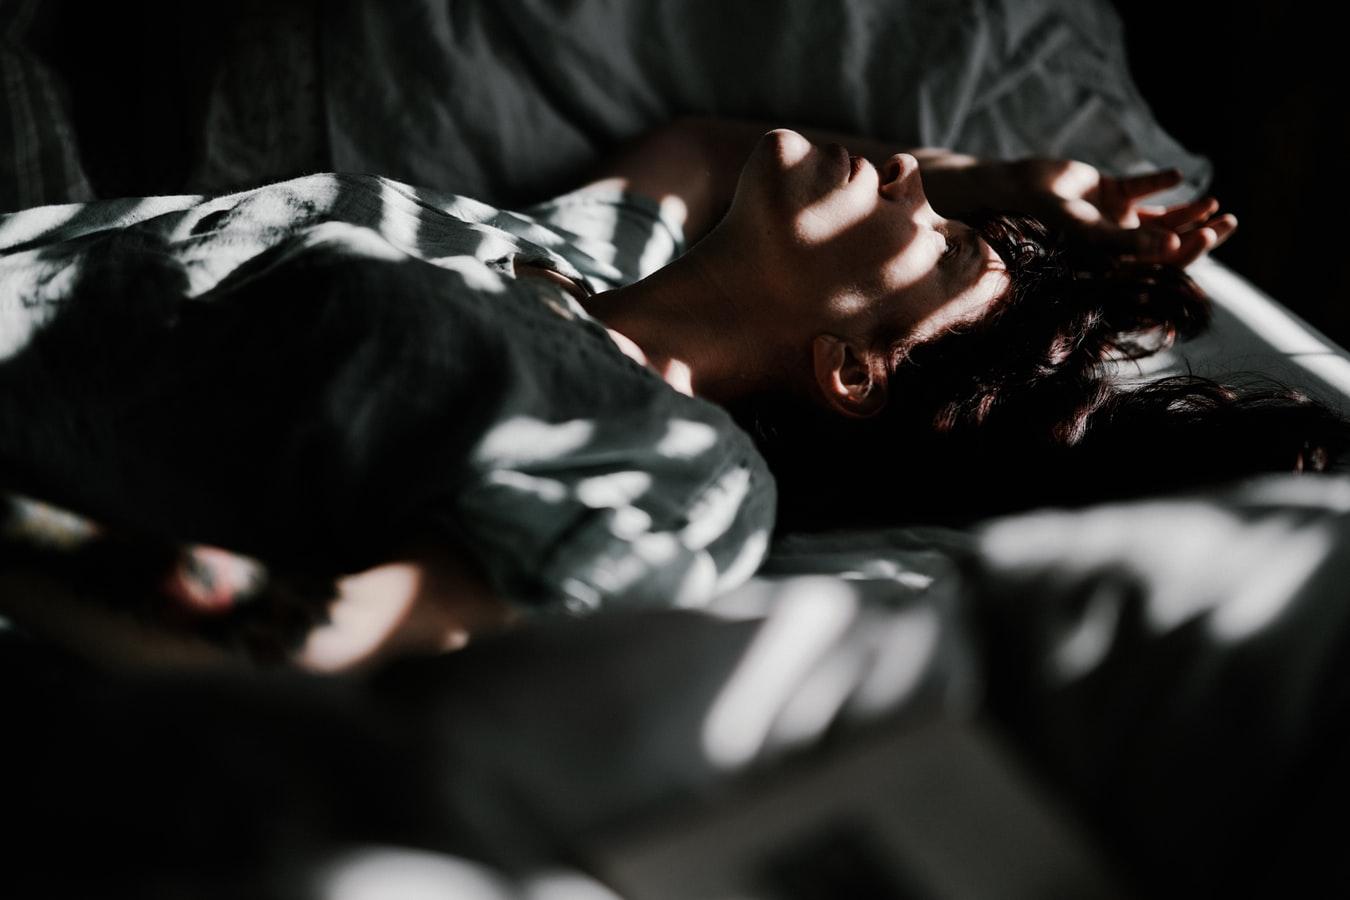 junger Mann findet keinen Schlaf